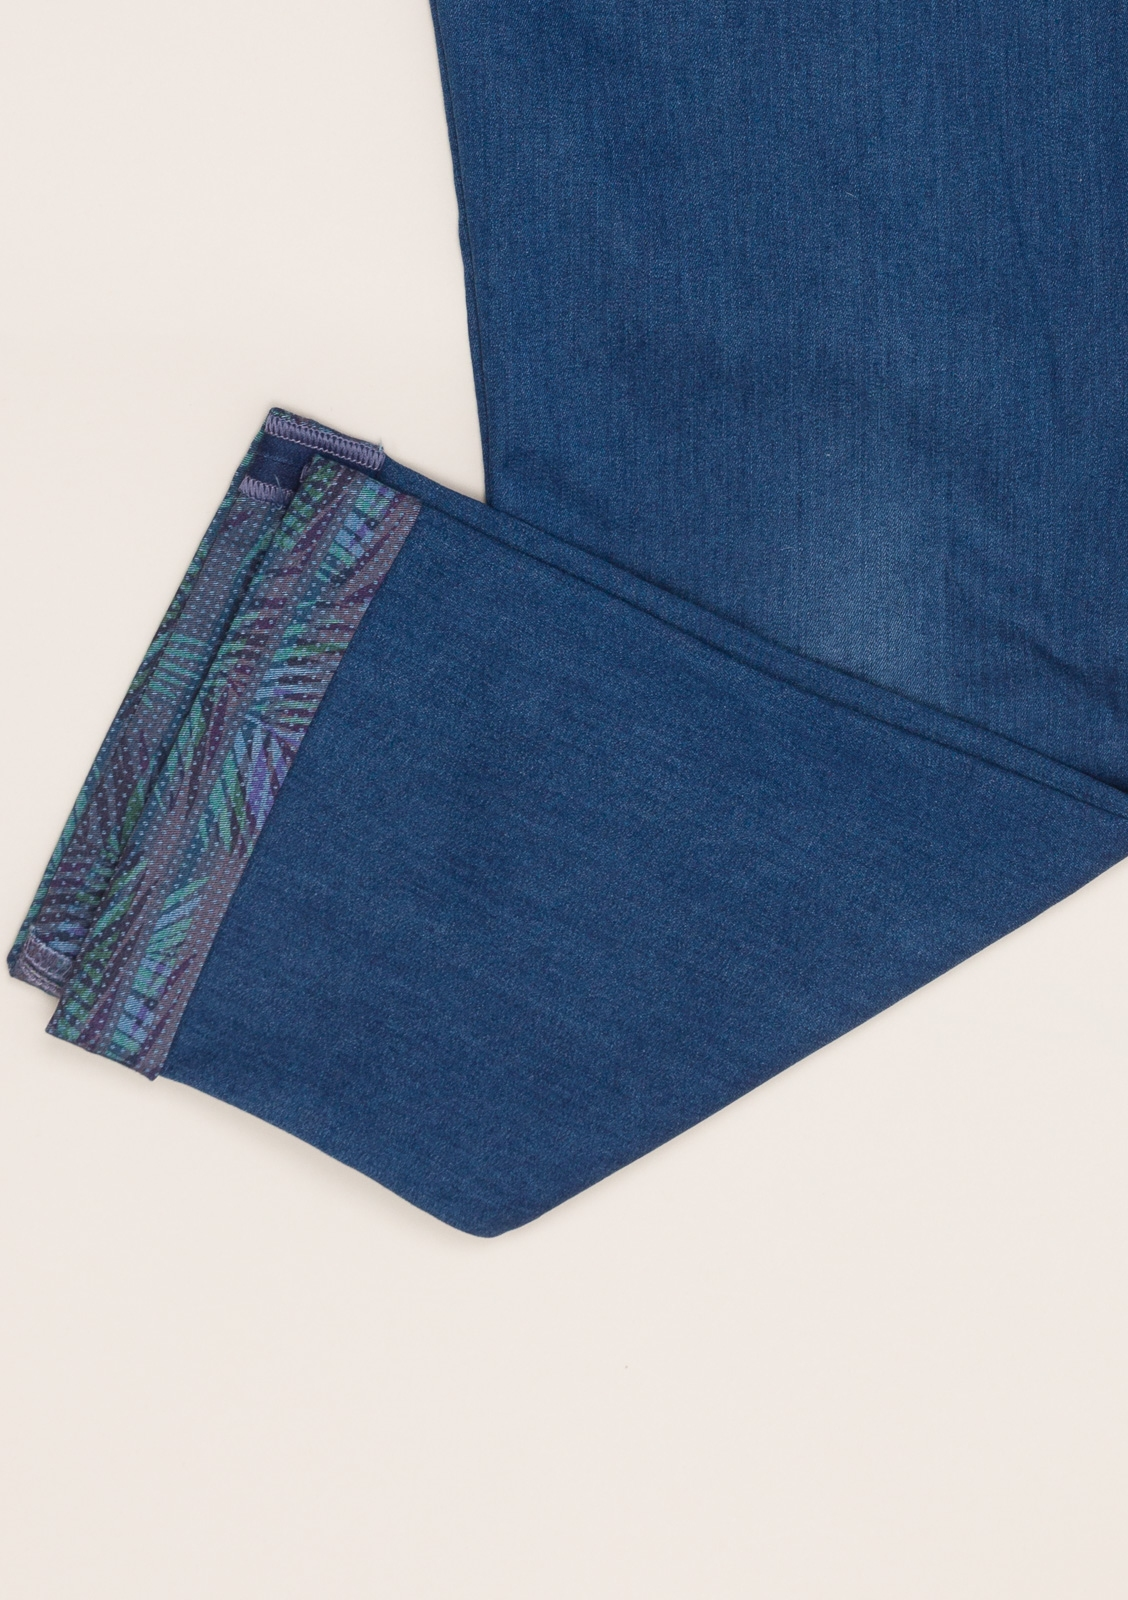 Pantalón tejano JACOB COHEN azul denim - Ítem2